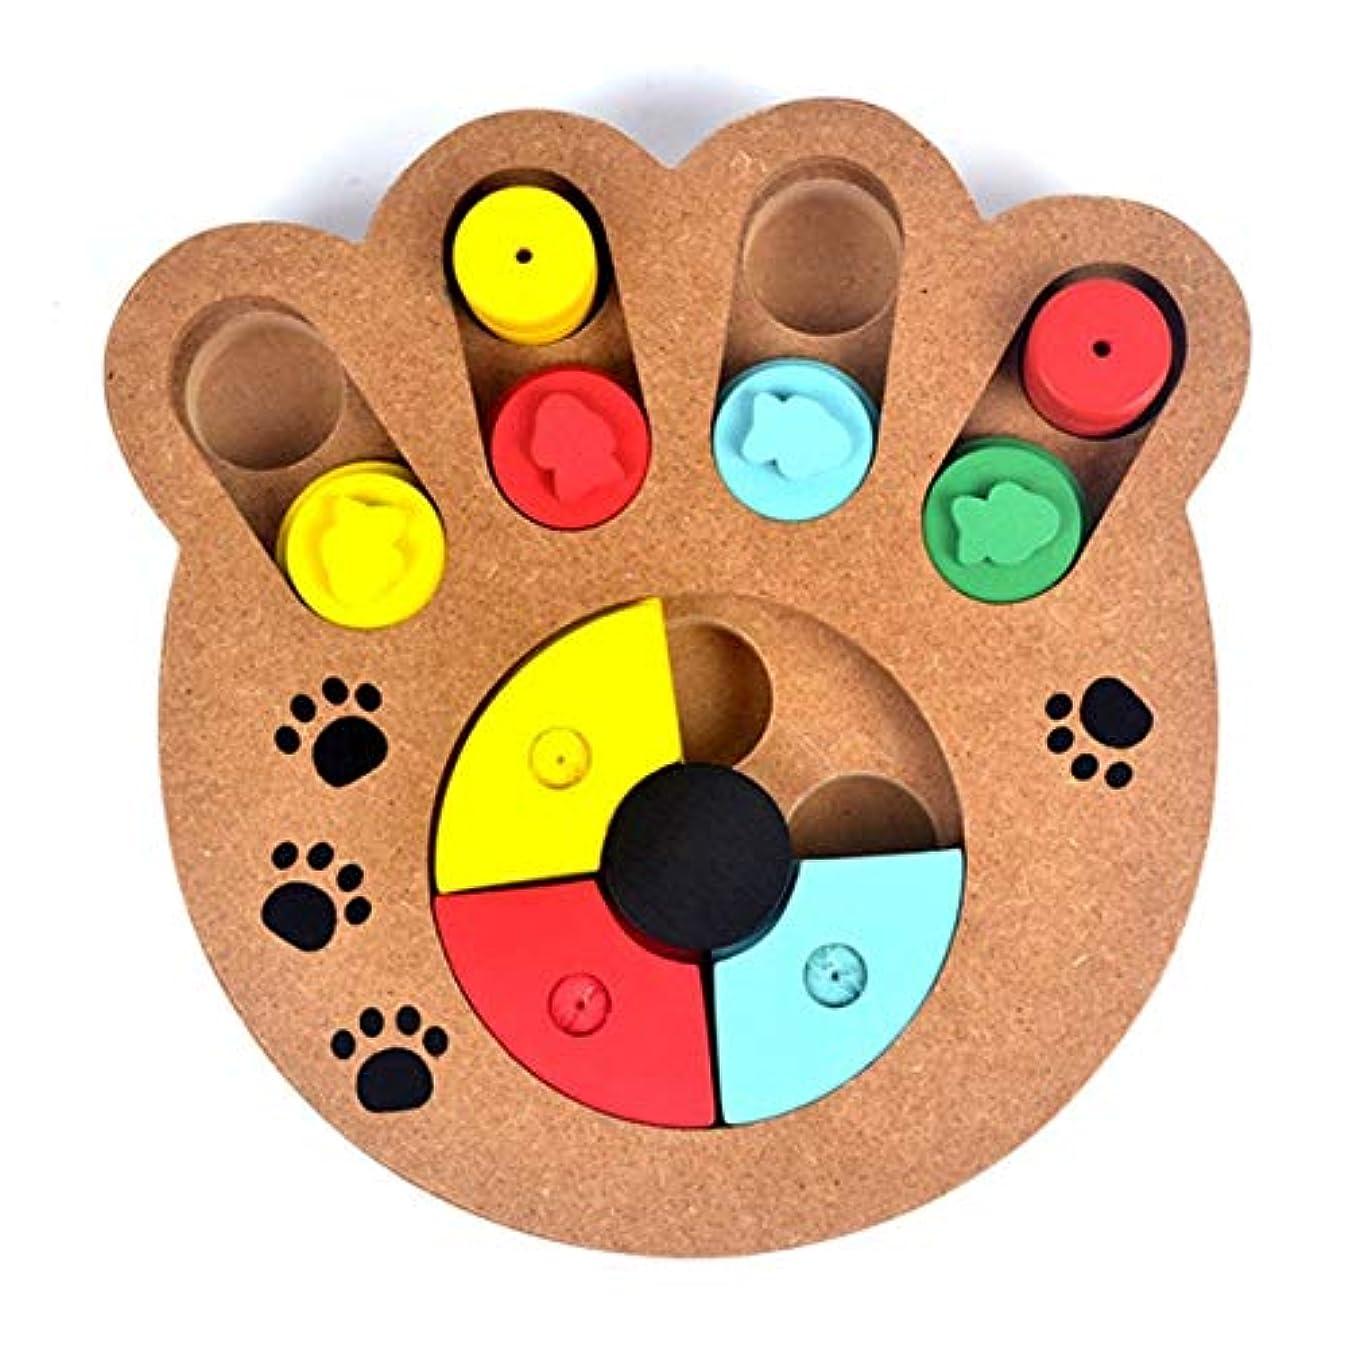 再び自体構成員Saikogoods 多機能の自然食品は 子犬犬猫ペット用品のための木製教育ポウパズルインタラクティブ玩具扱い マルチカラーミックス